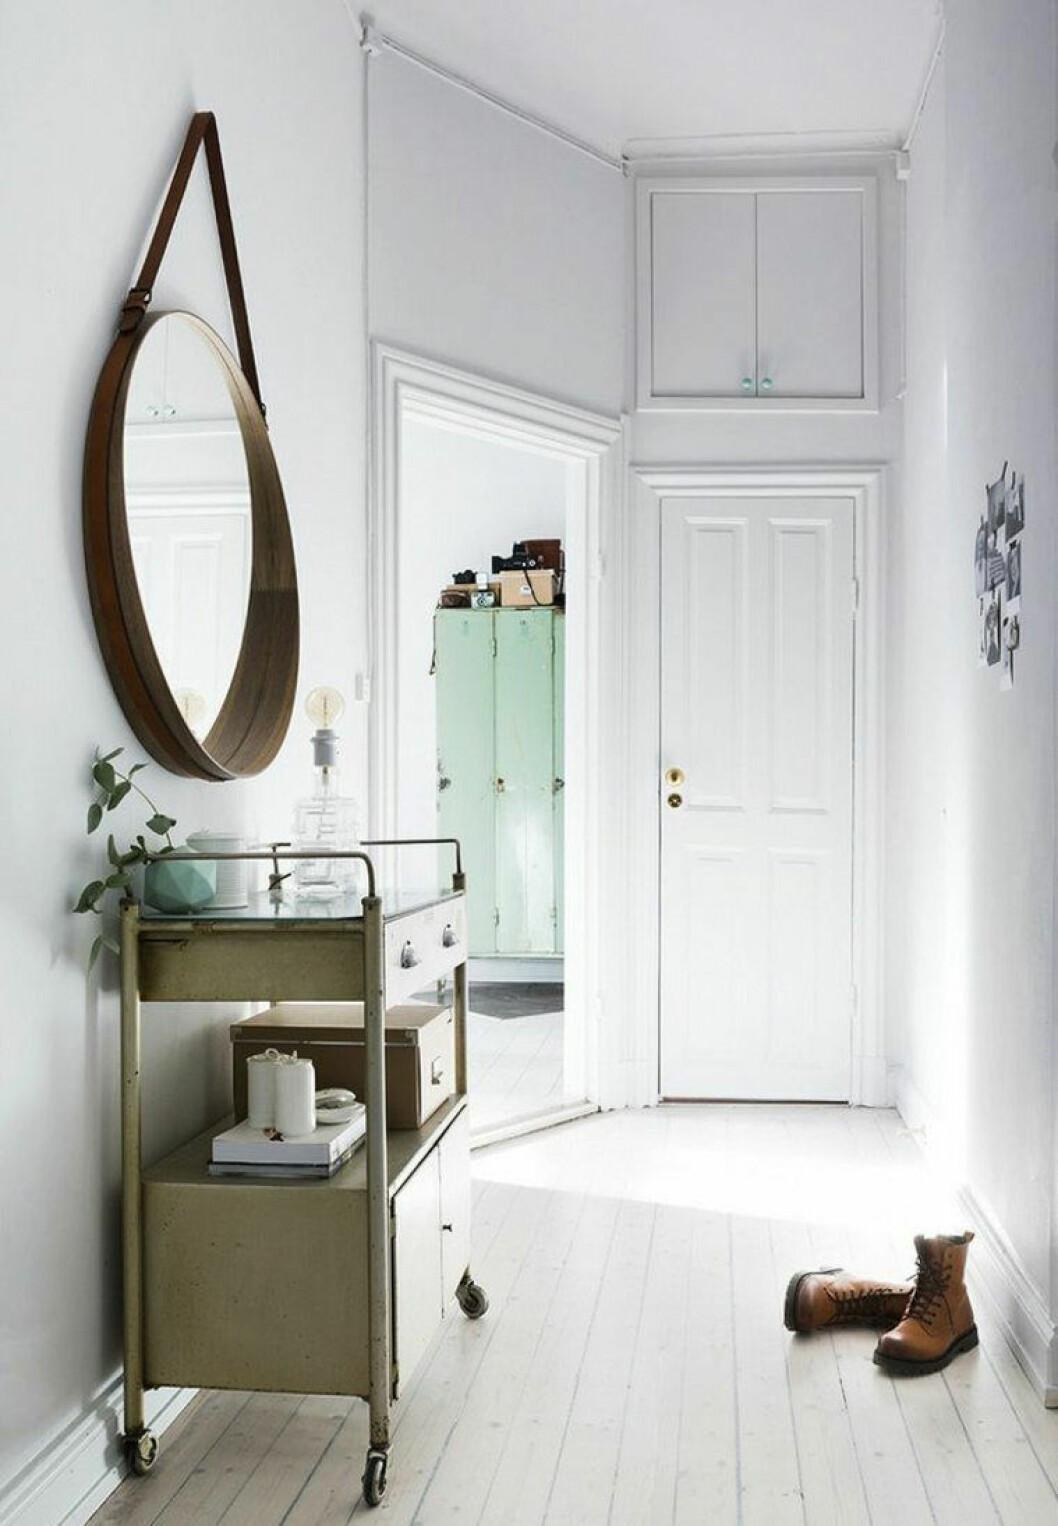 Hall med stor rund spegel och litet avlastningsbord